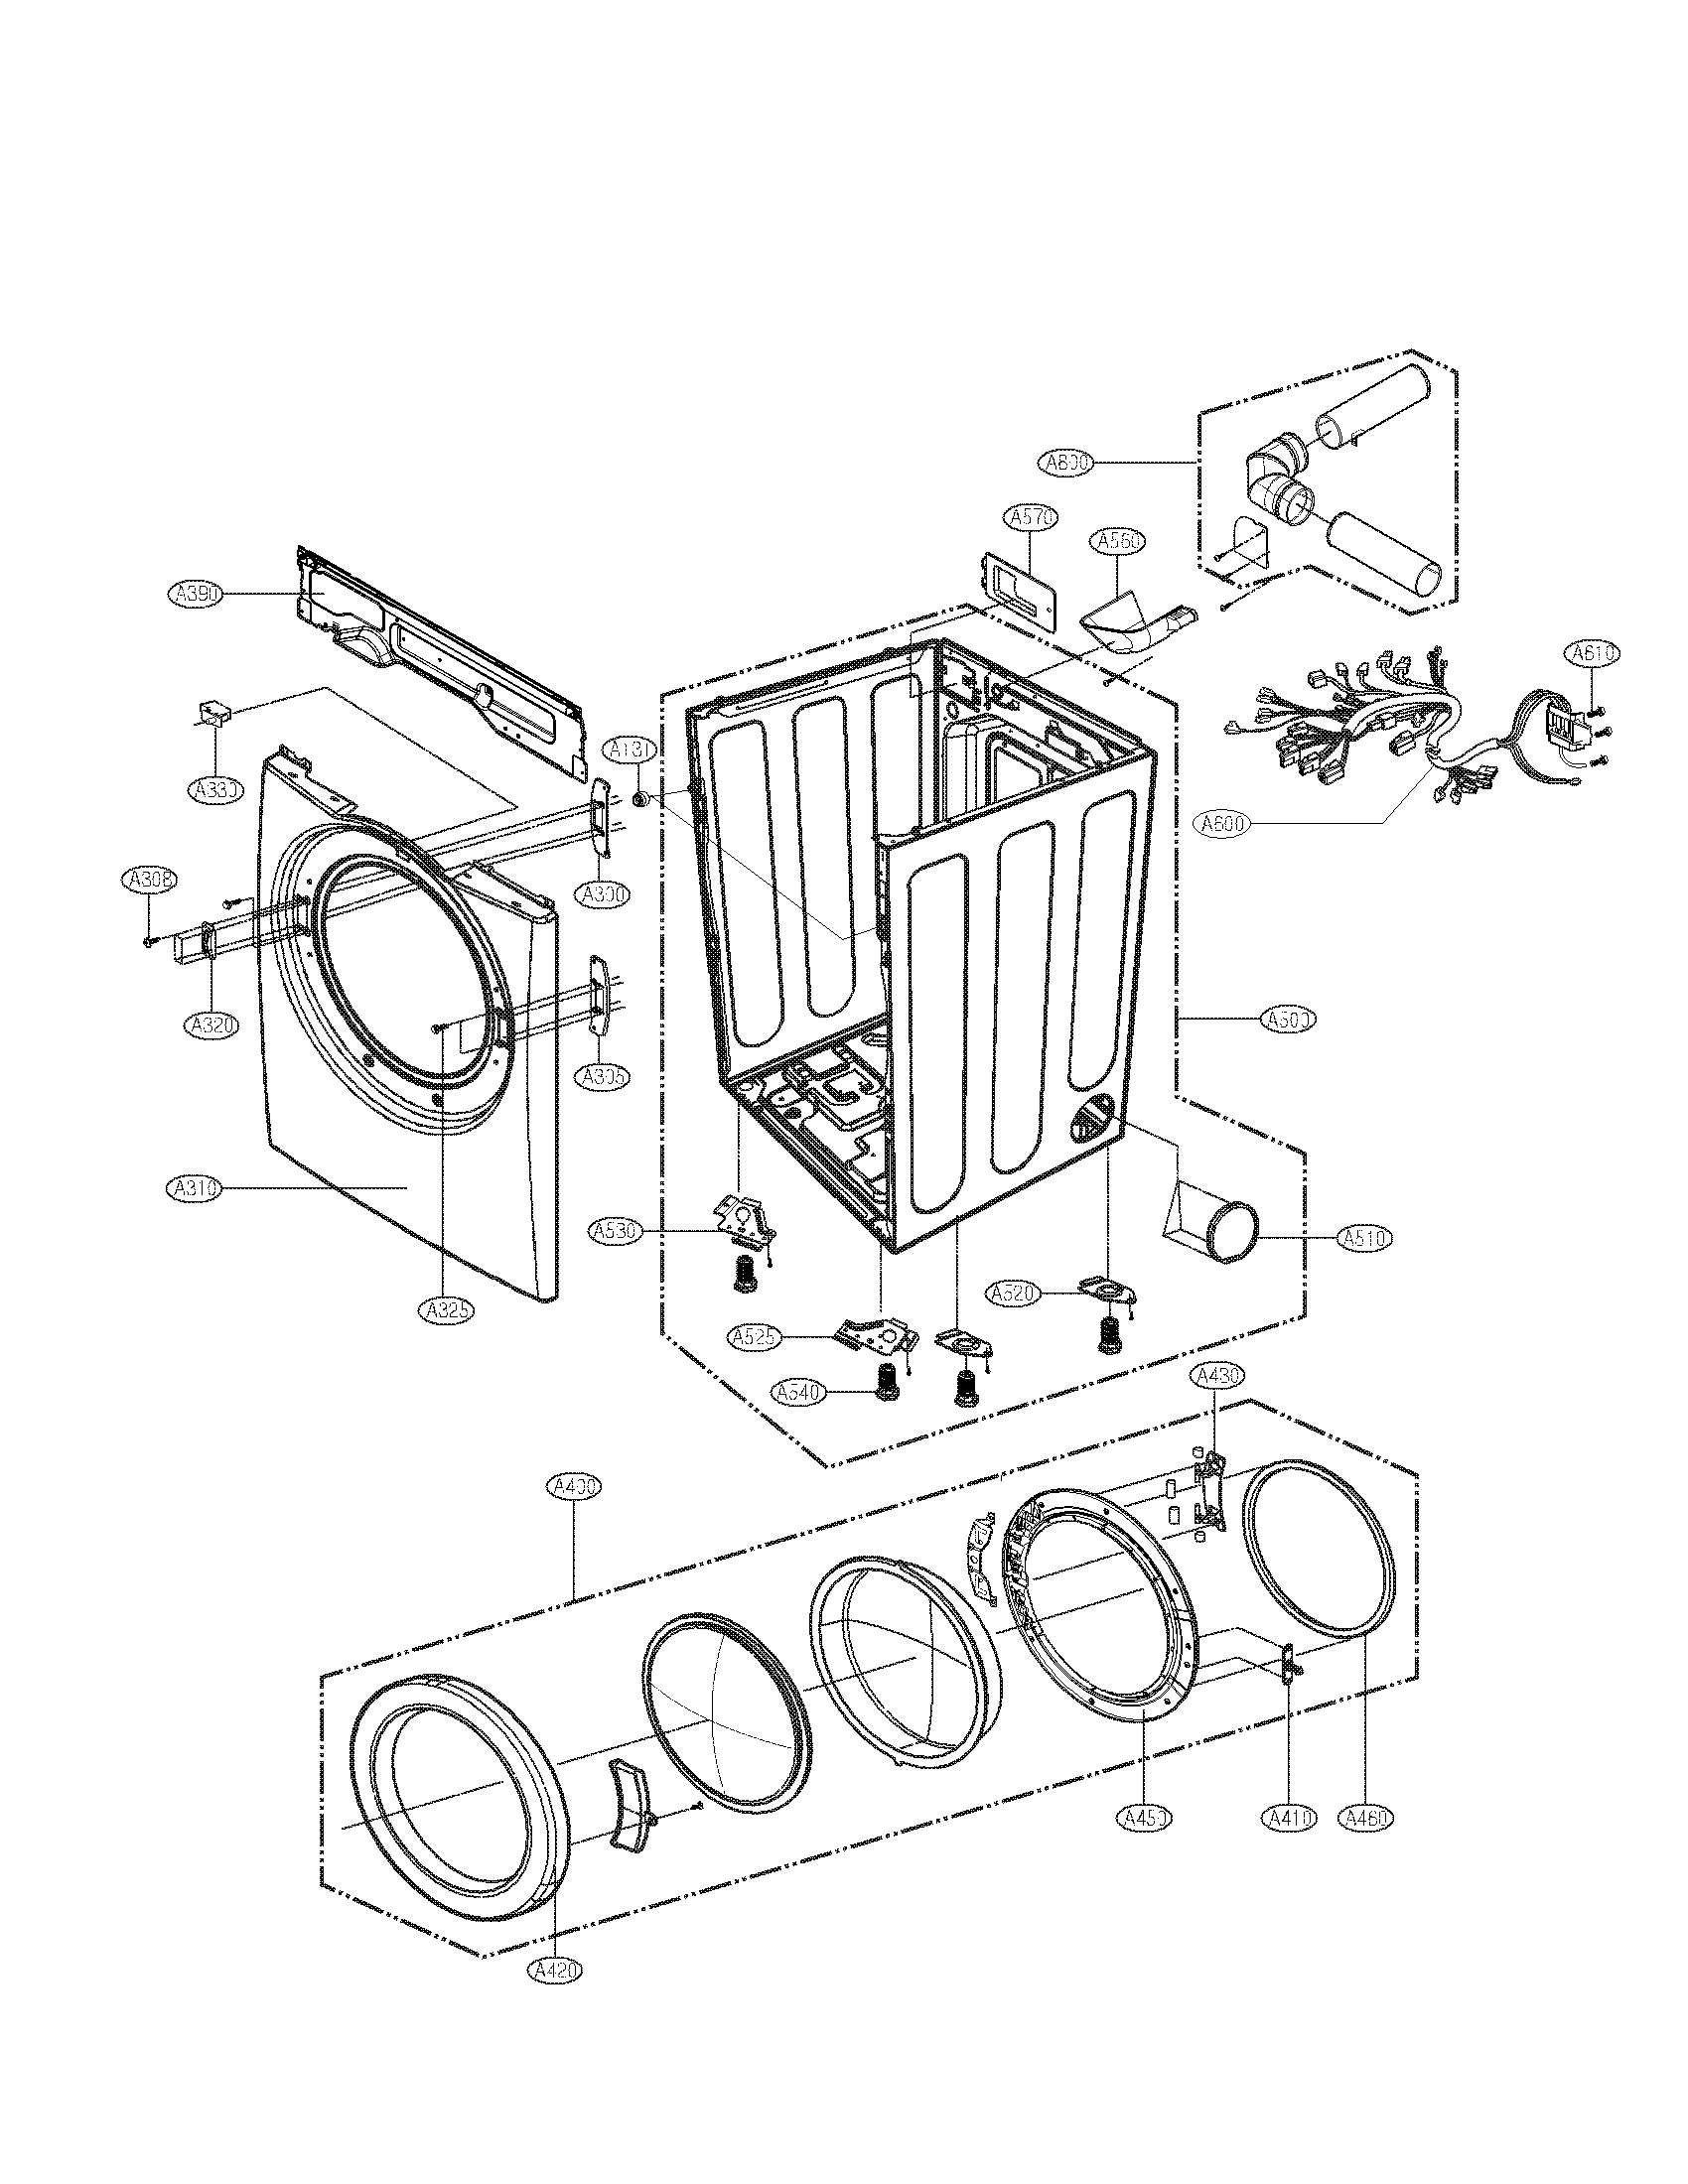 Wiring Diagram Bathroom Diagram, Bathroom fan light